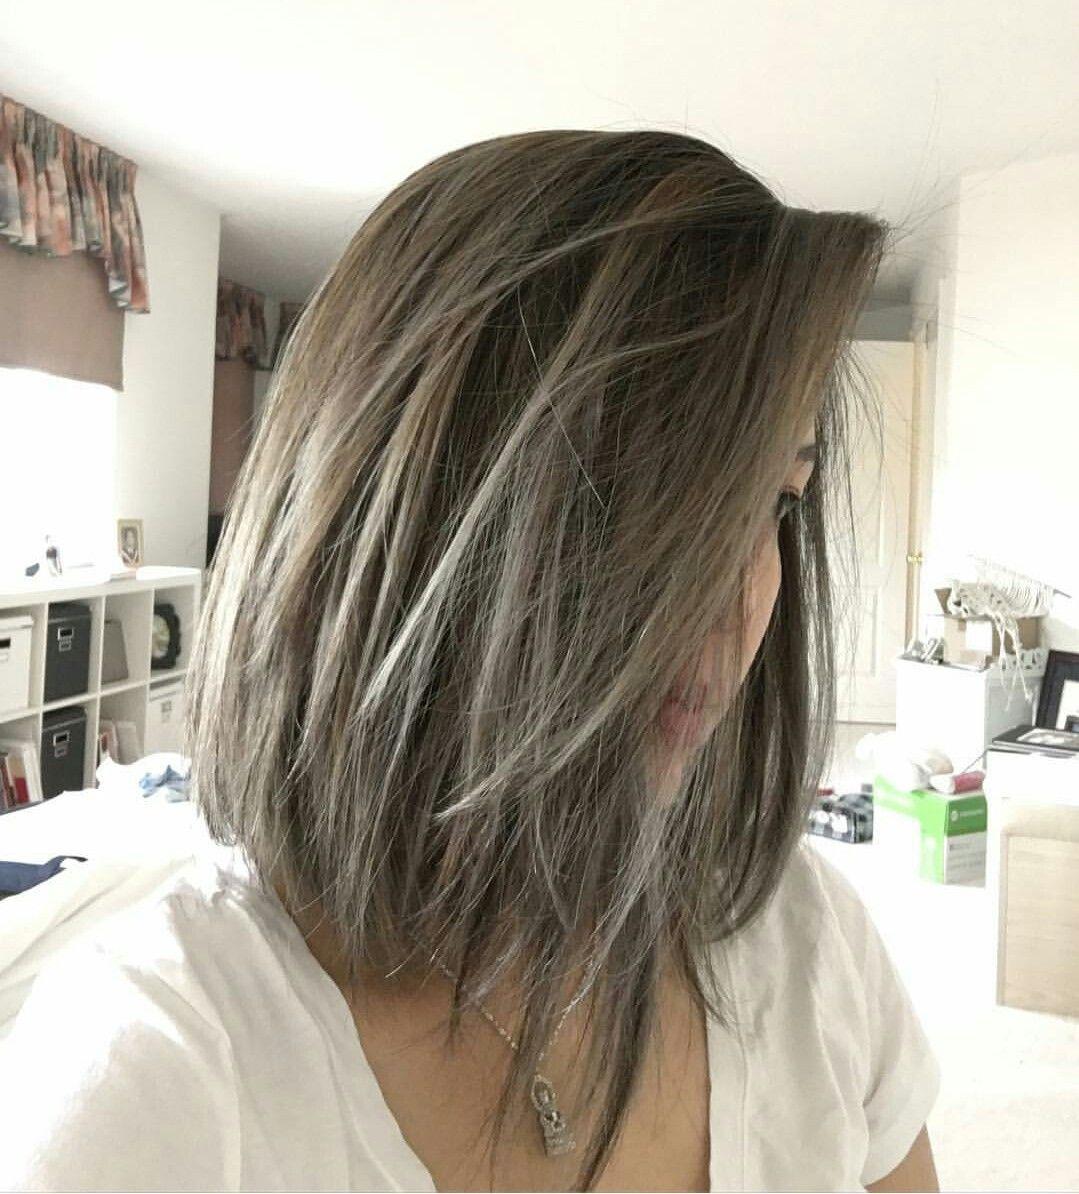 Short Balayage Grey Hair Hair Styles Ash Brown Hair Color Hair Color Asian